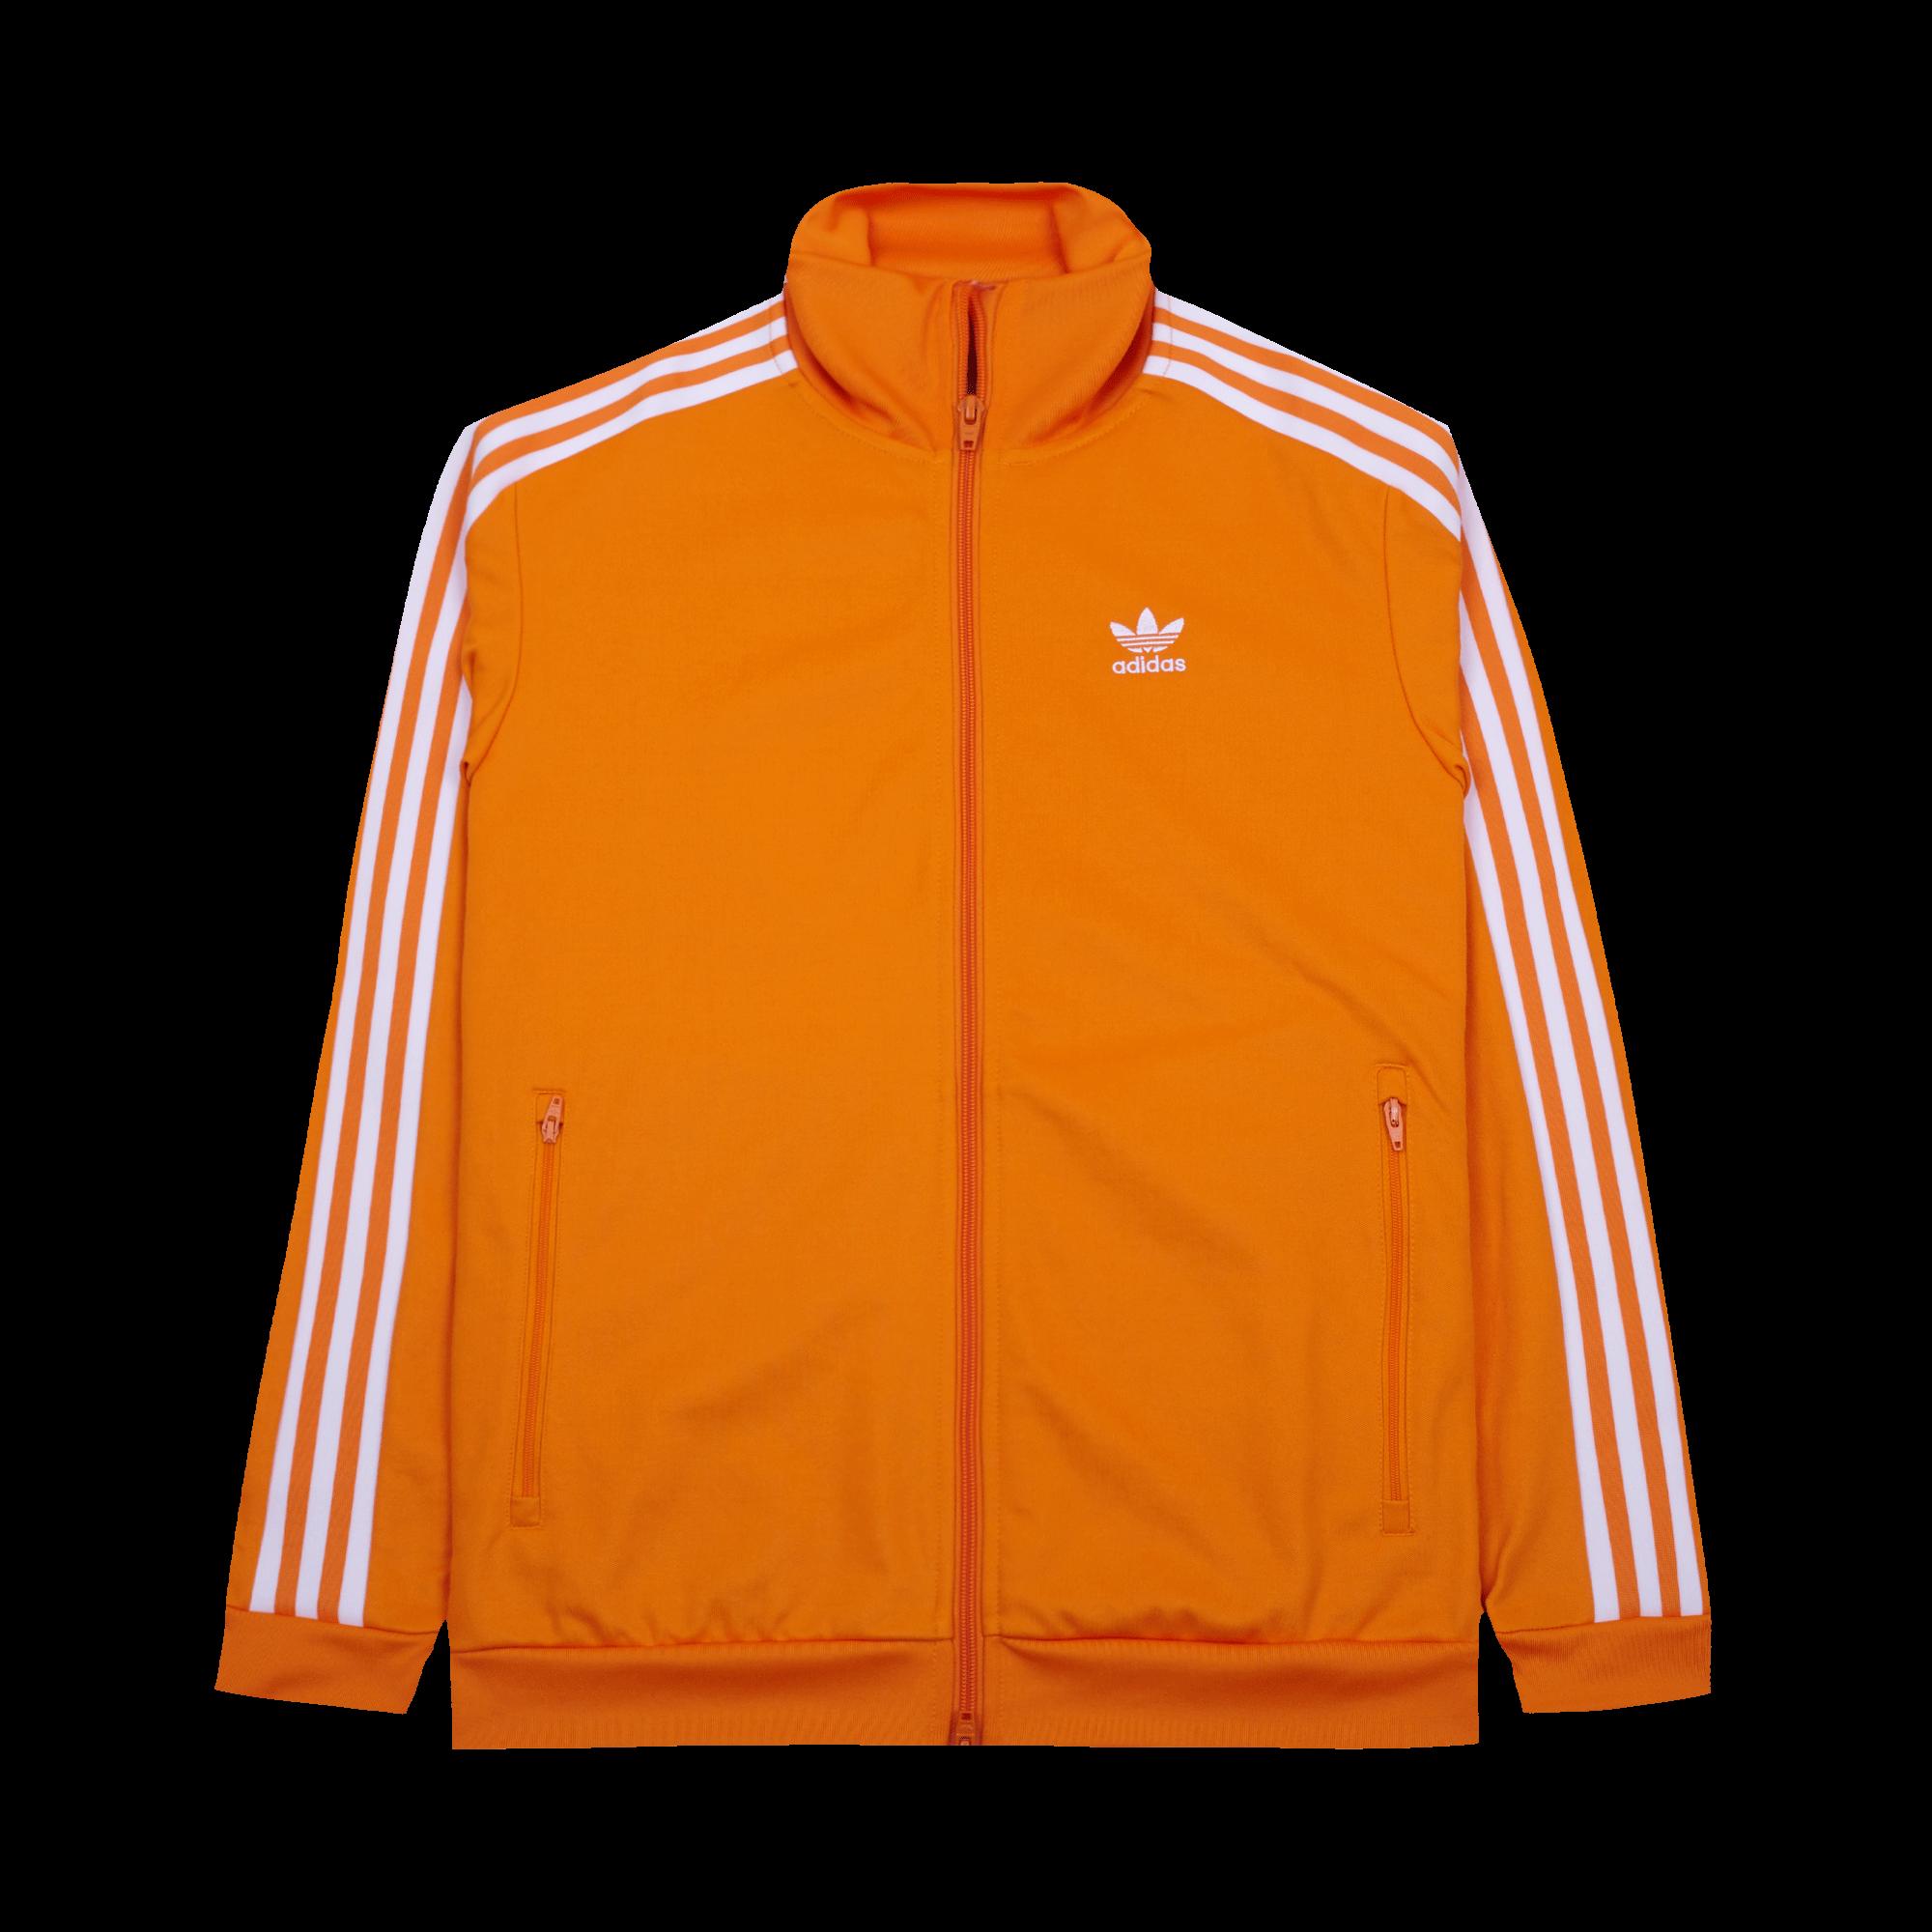 adidas Beckenbauer TT Jacke orange